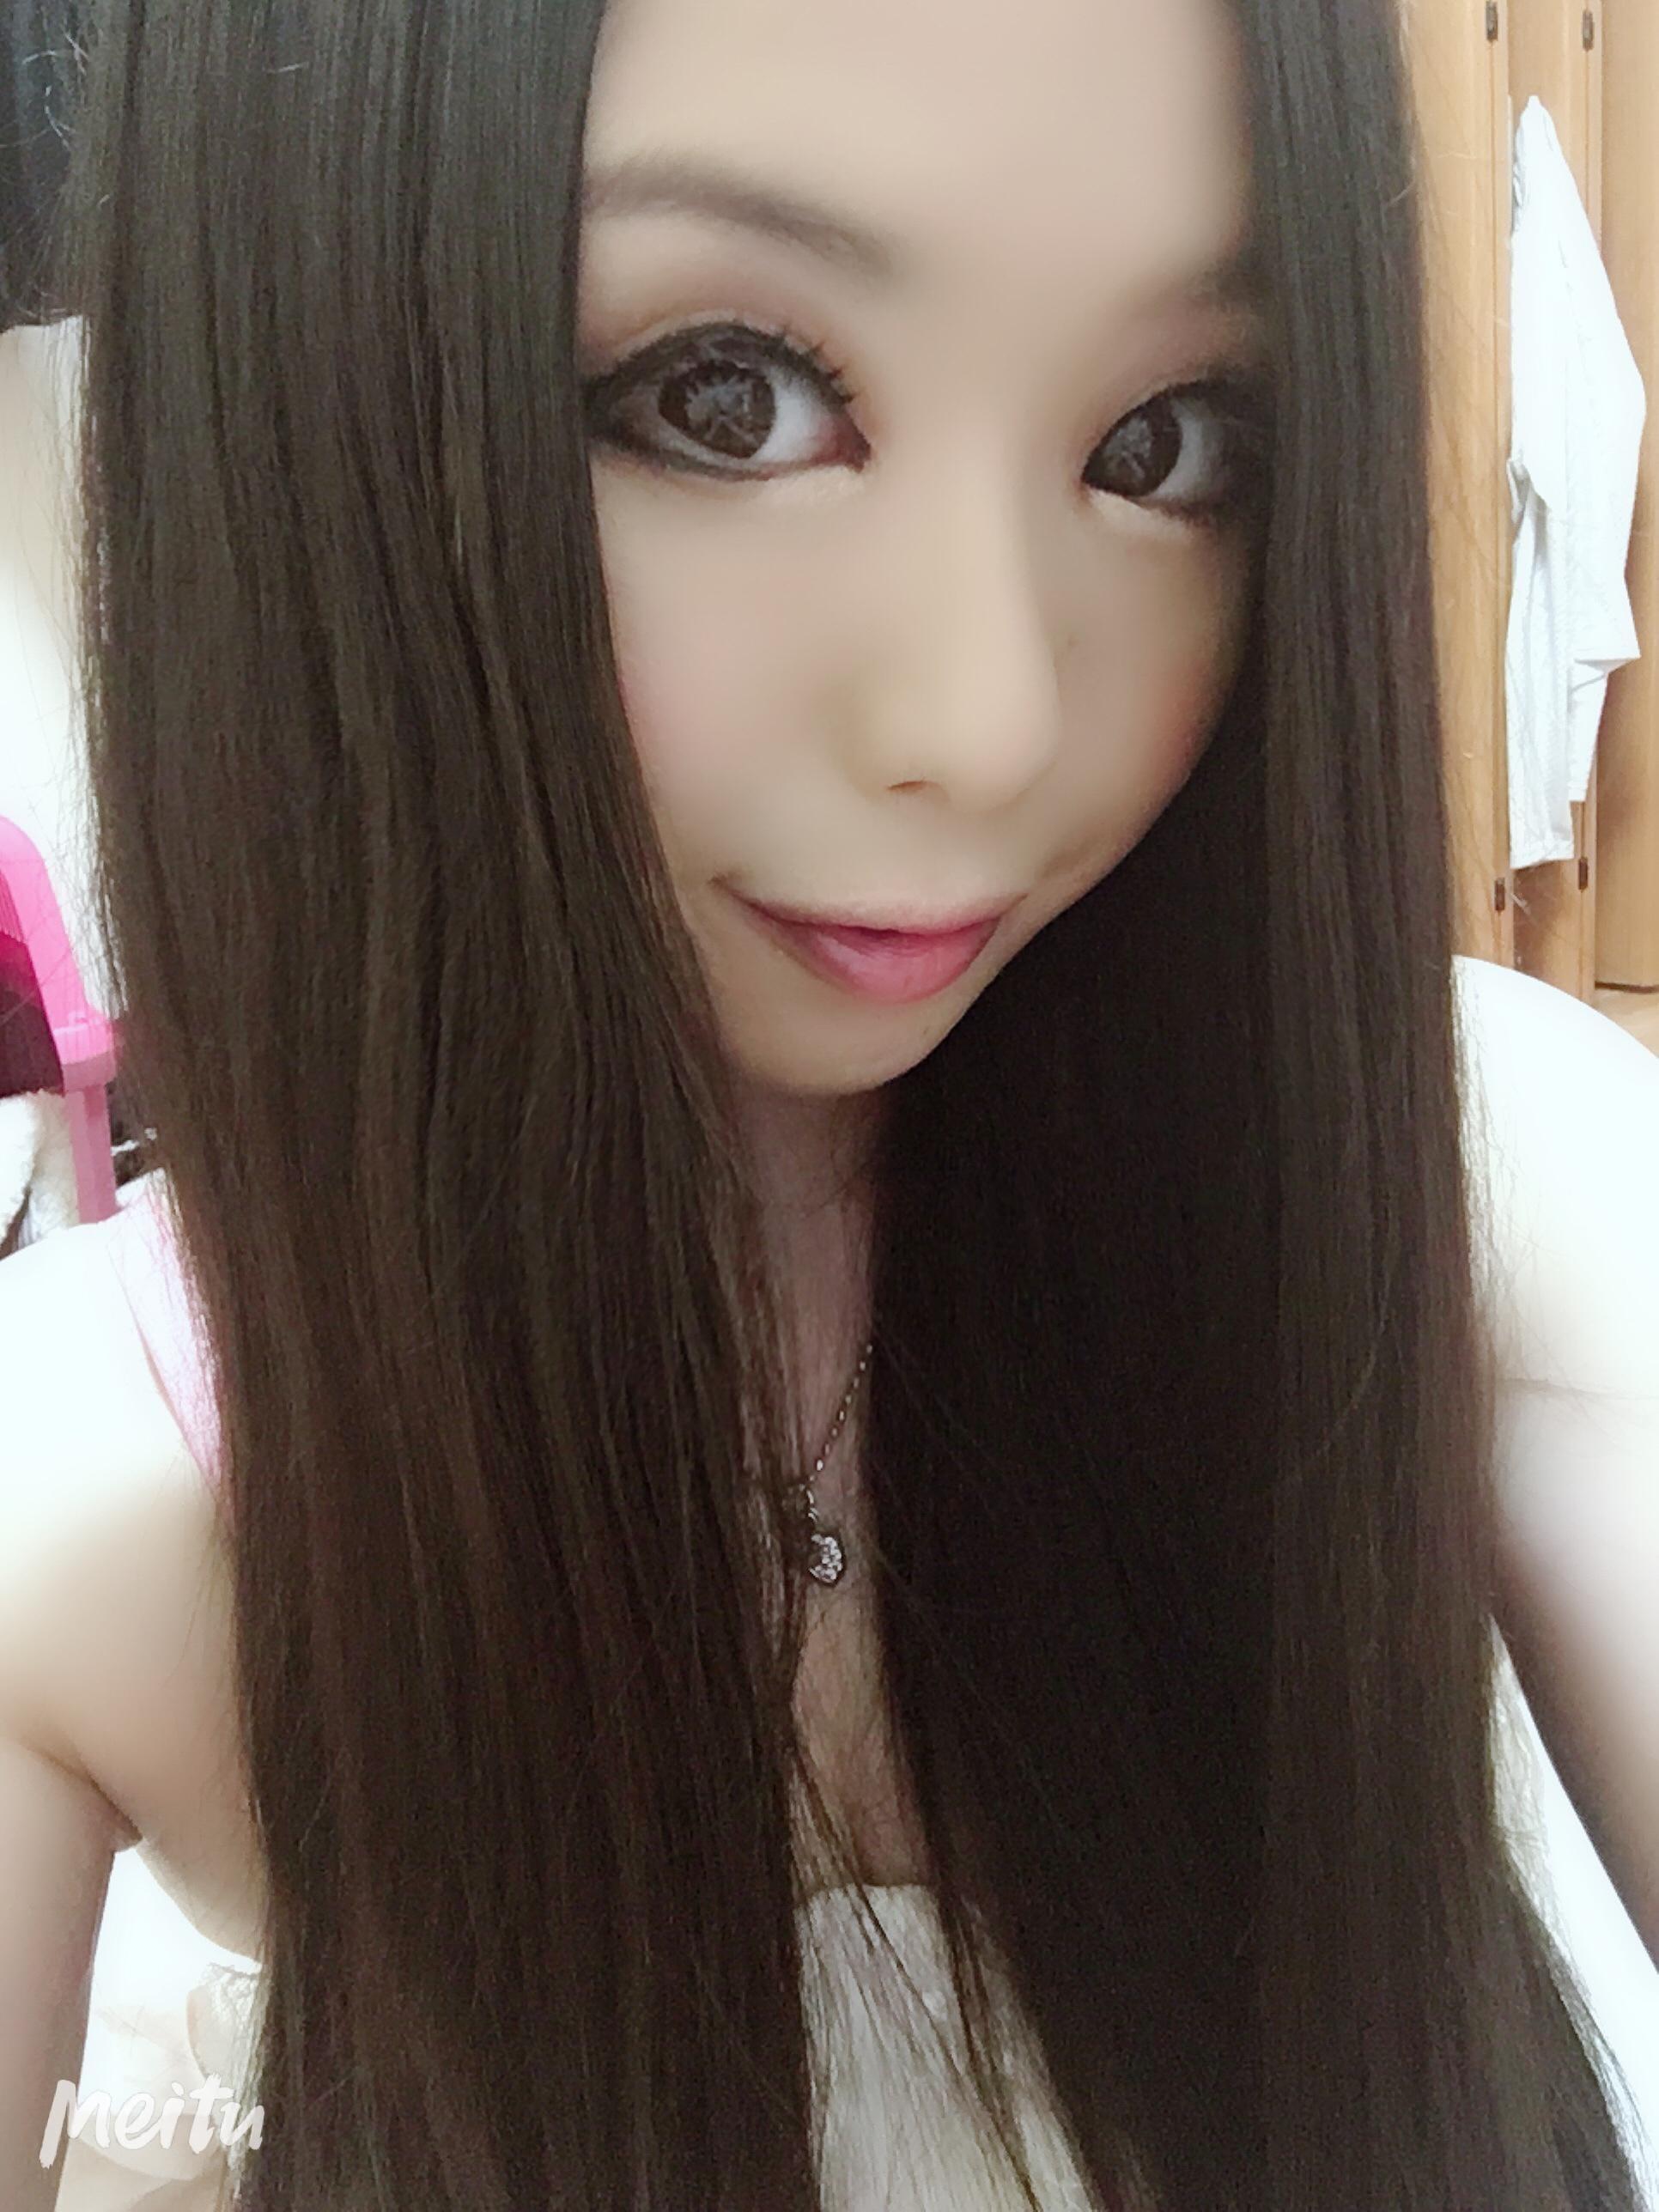 「今日も今日とて(*??? *)」04/01(04/01) 16:26 | るかの写メ・風俗動画